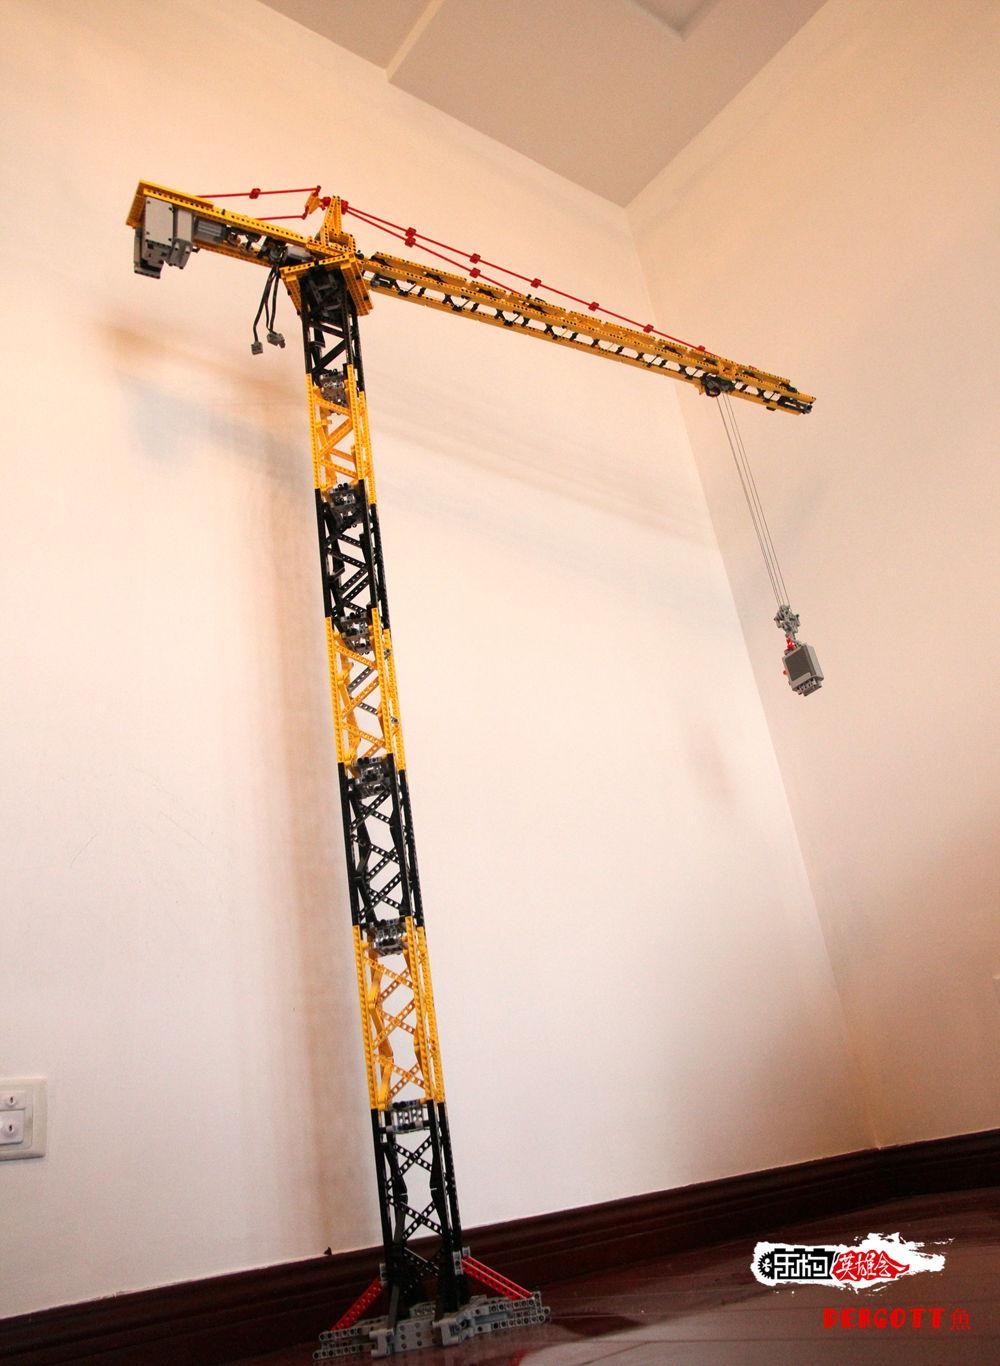 塔吊只有3组动作